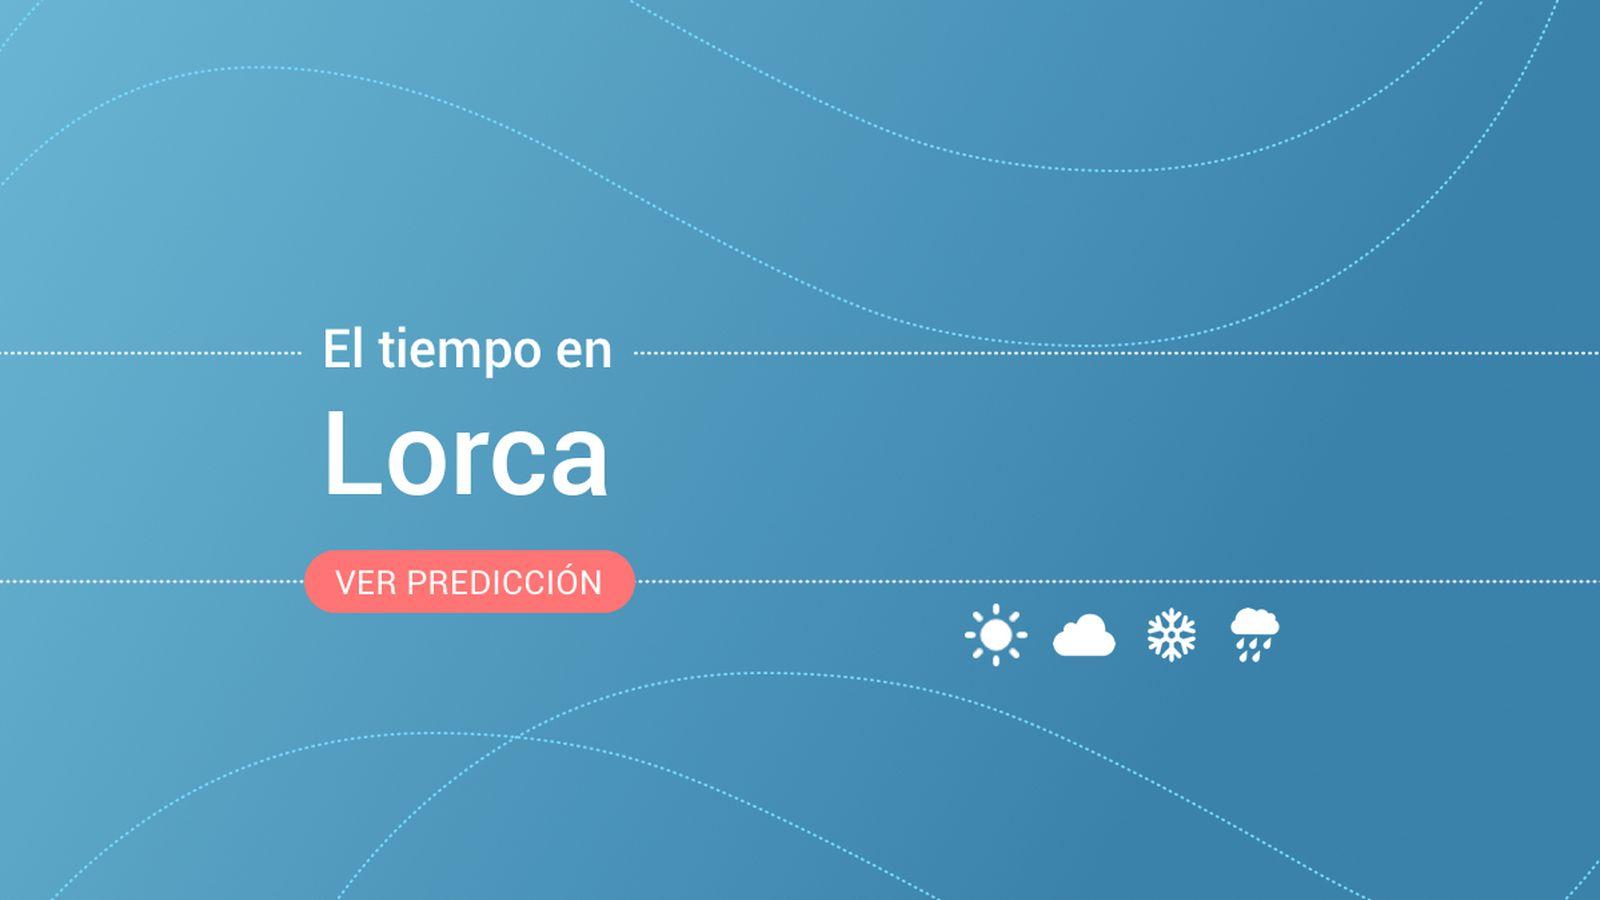 Foto: El tiempo en Lorca. (EC)